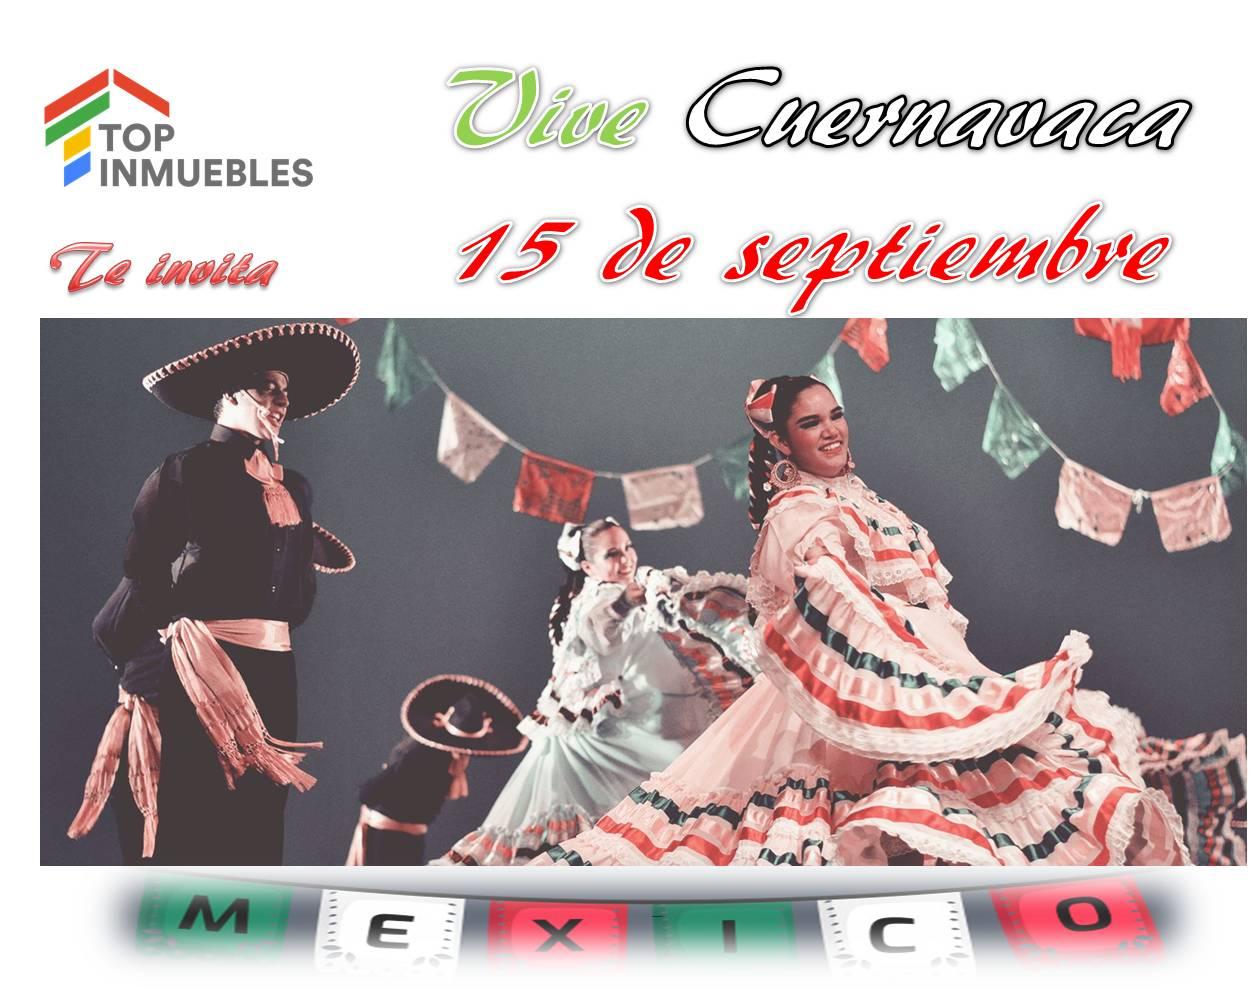 15_de_septiembre_vive_cuernavaca_con_baile.jpg